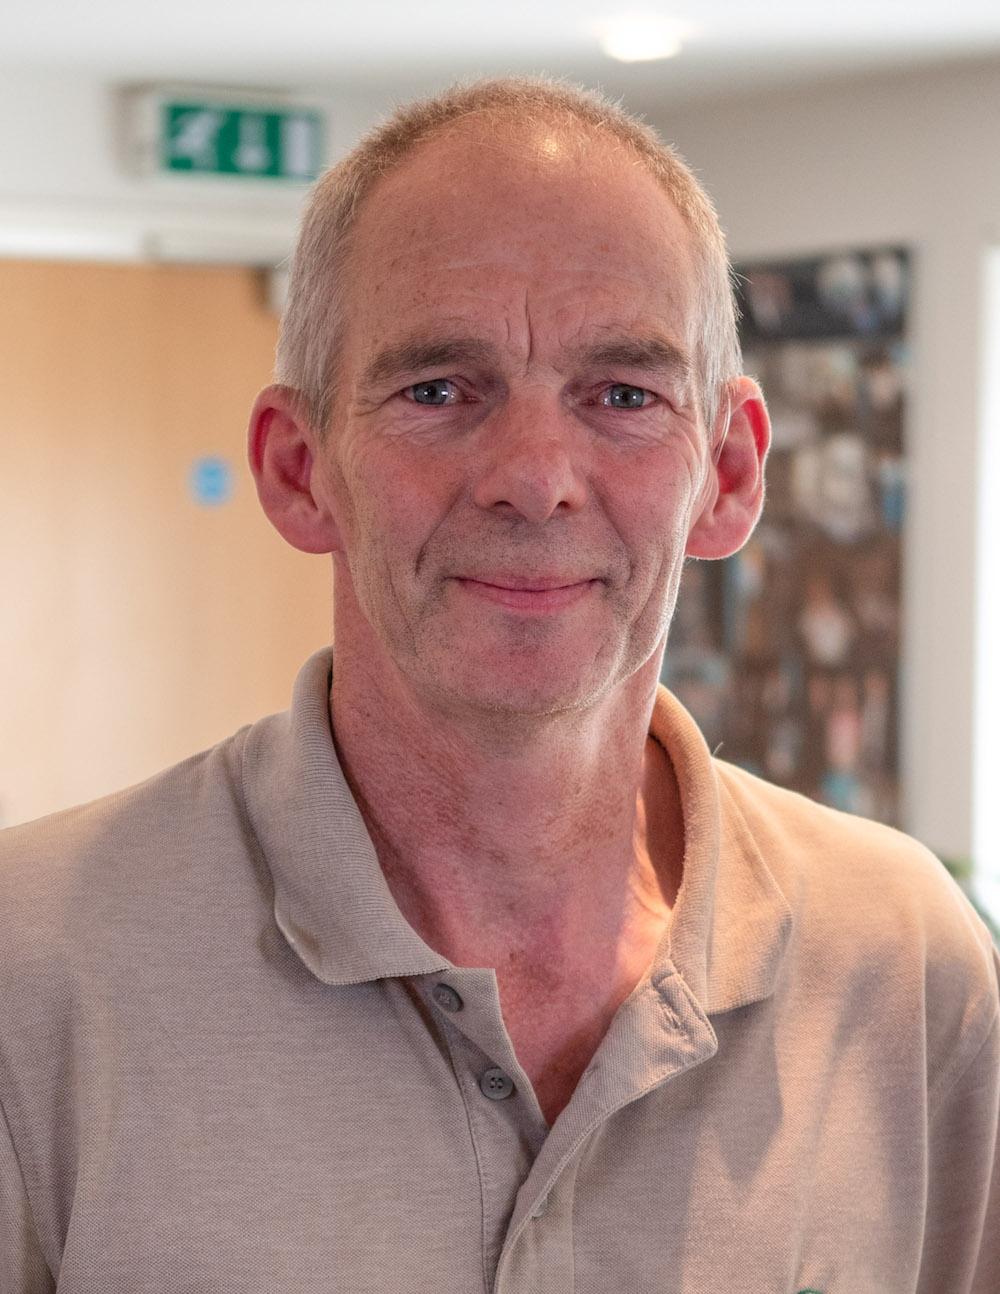 Murray Nelson